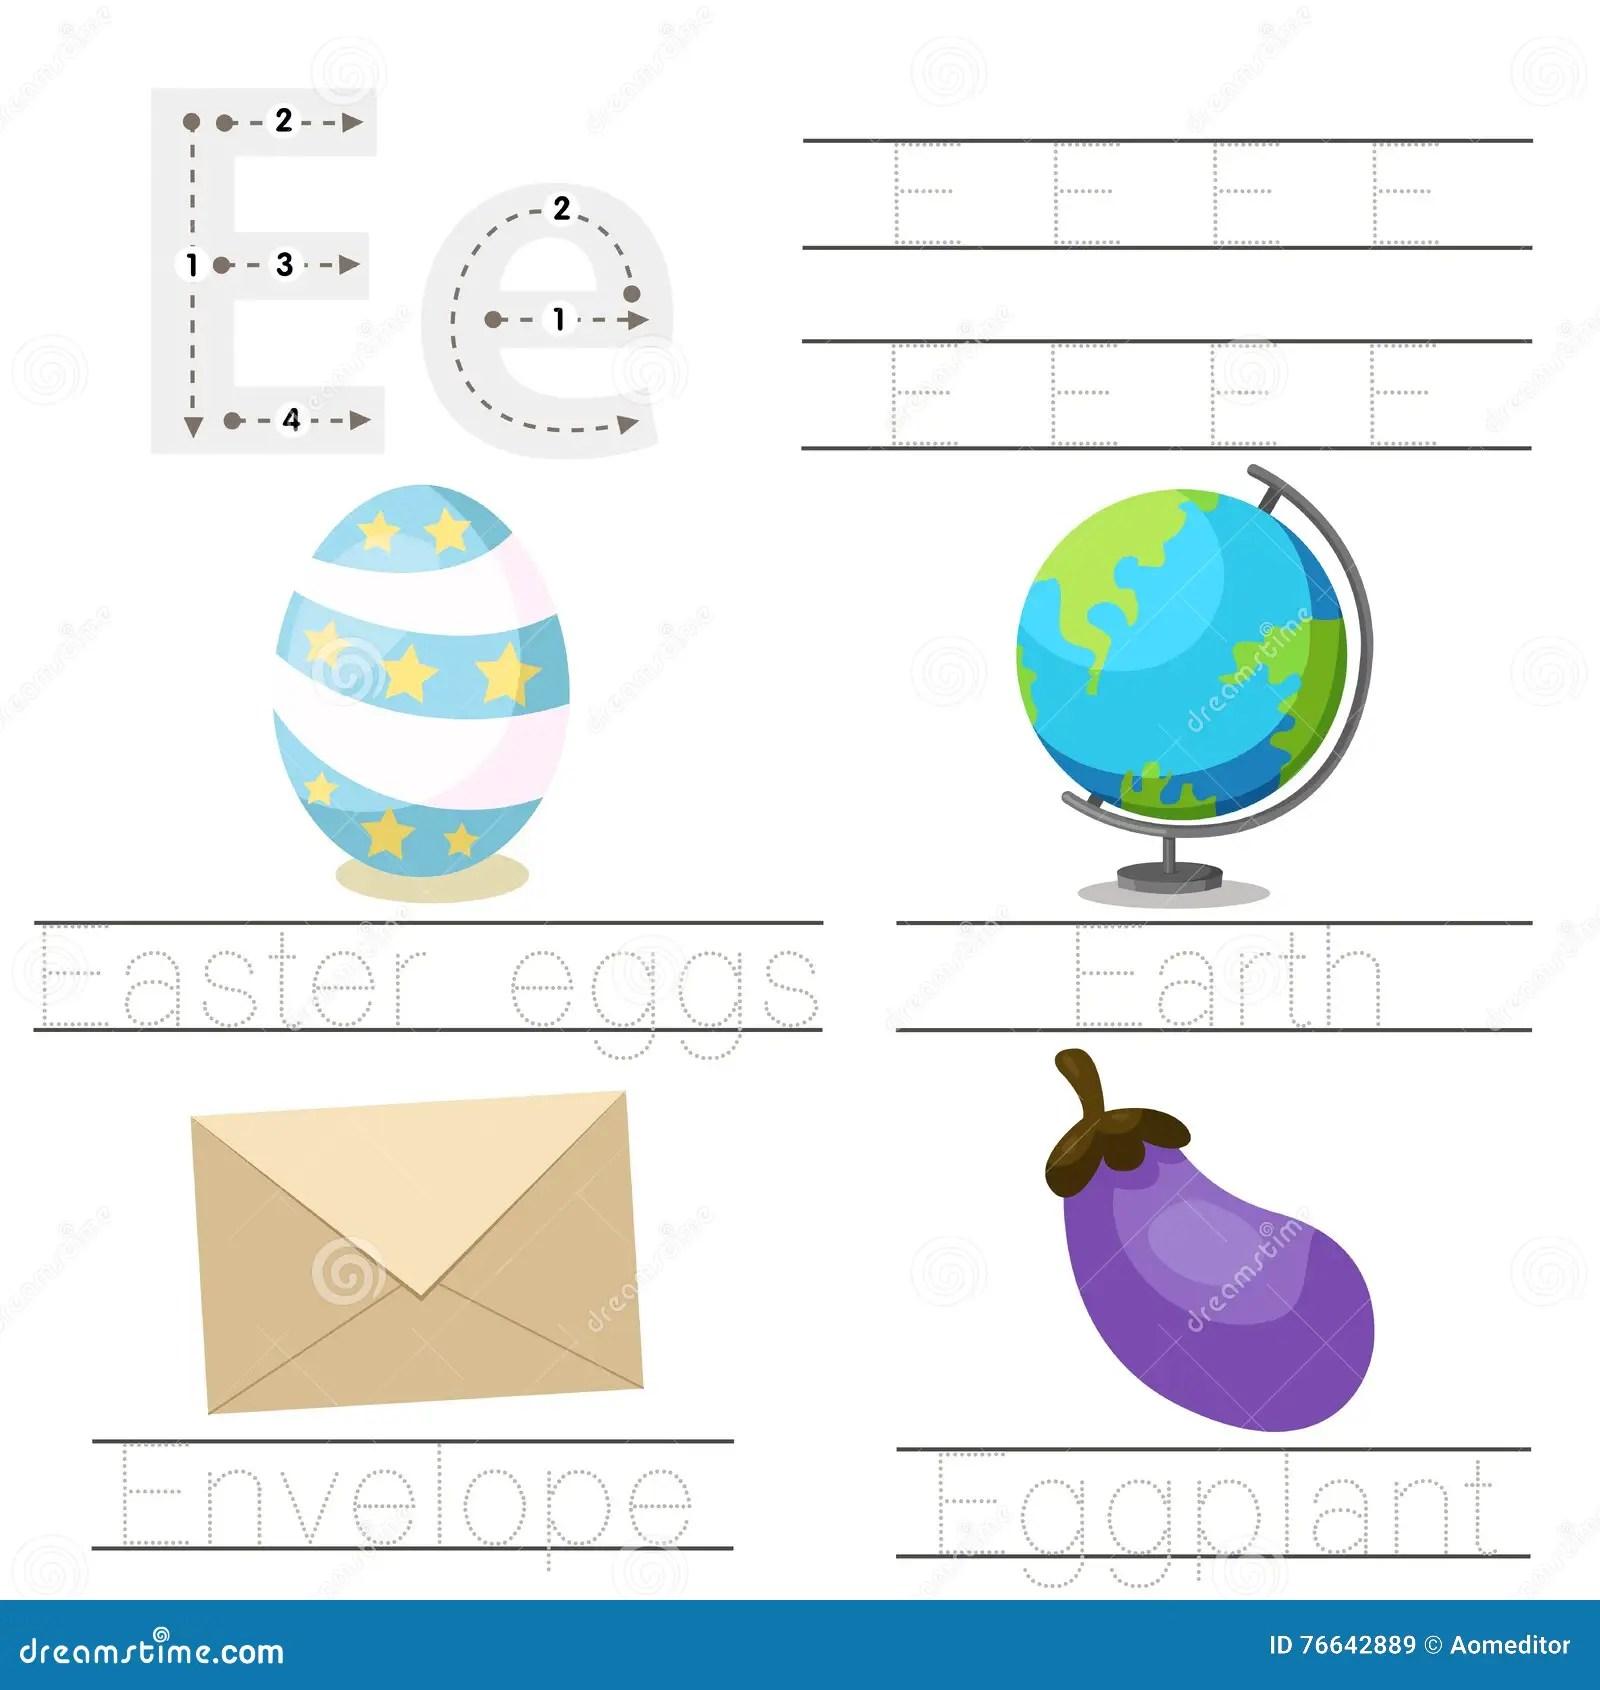 Illustrator Of Worksheet For Children E Font Stock Vector